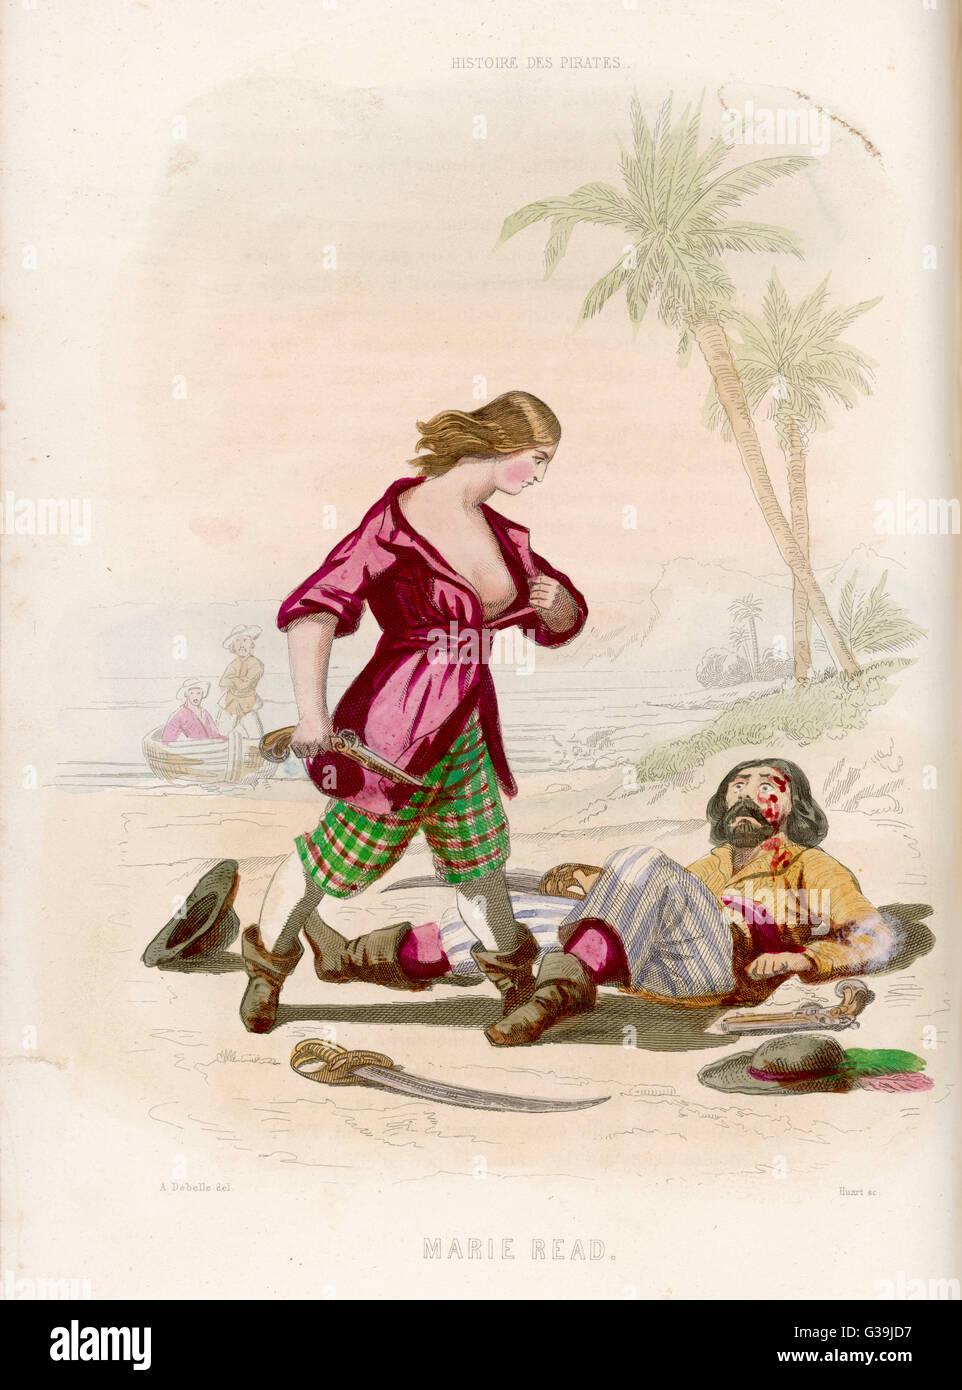 Madame Red se présente Le-pirate-mary-read-revele-a-sa-victime-etonnee-quil-a-ete-battu-par-une-femme-g39jd7